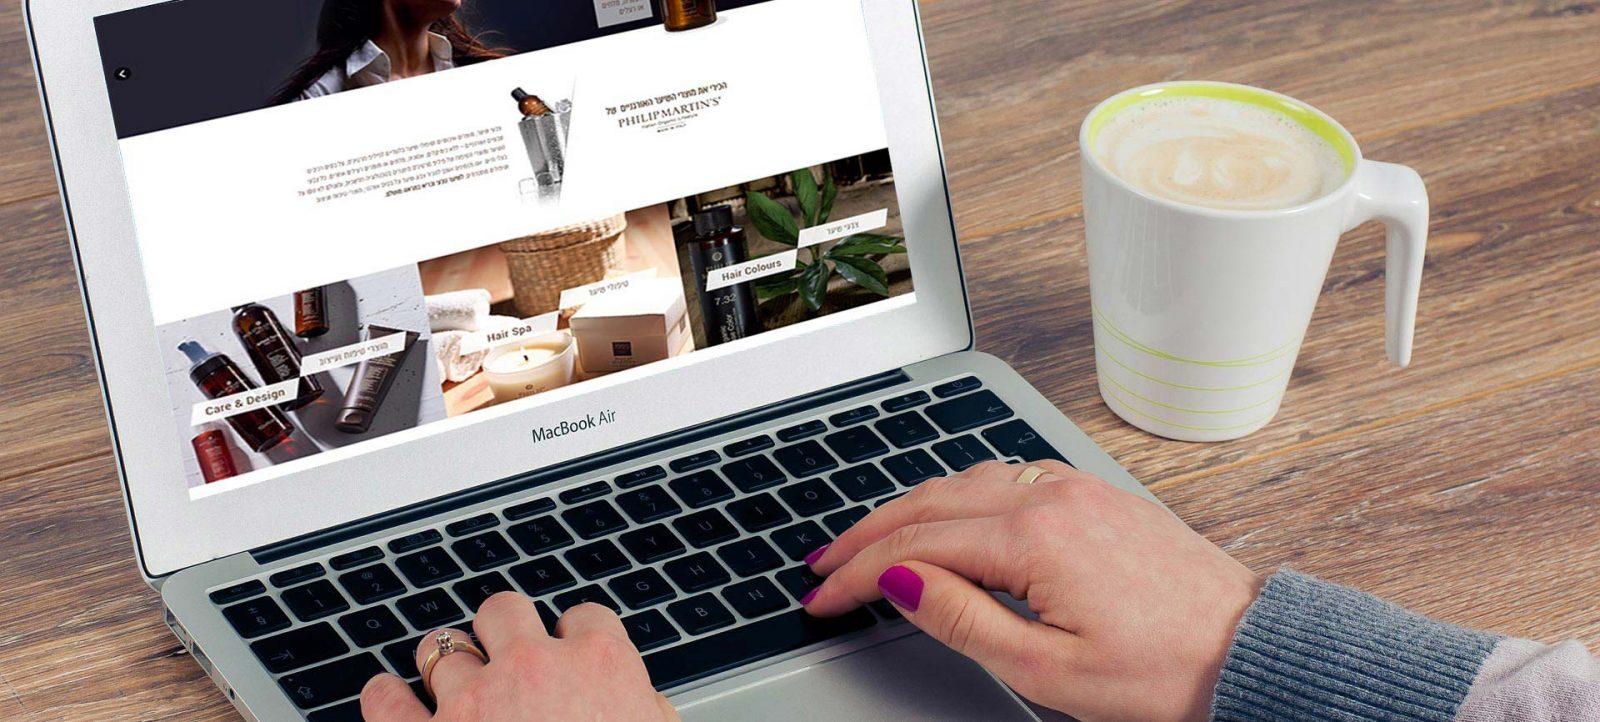 פרויקט הקמת אתר: מותג האופנה – פיליפ מרטינ′ס